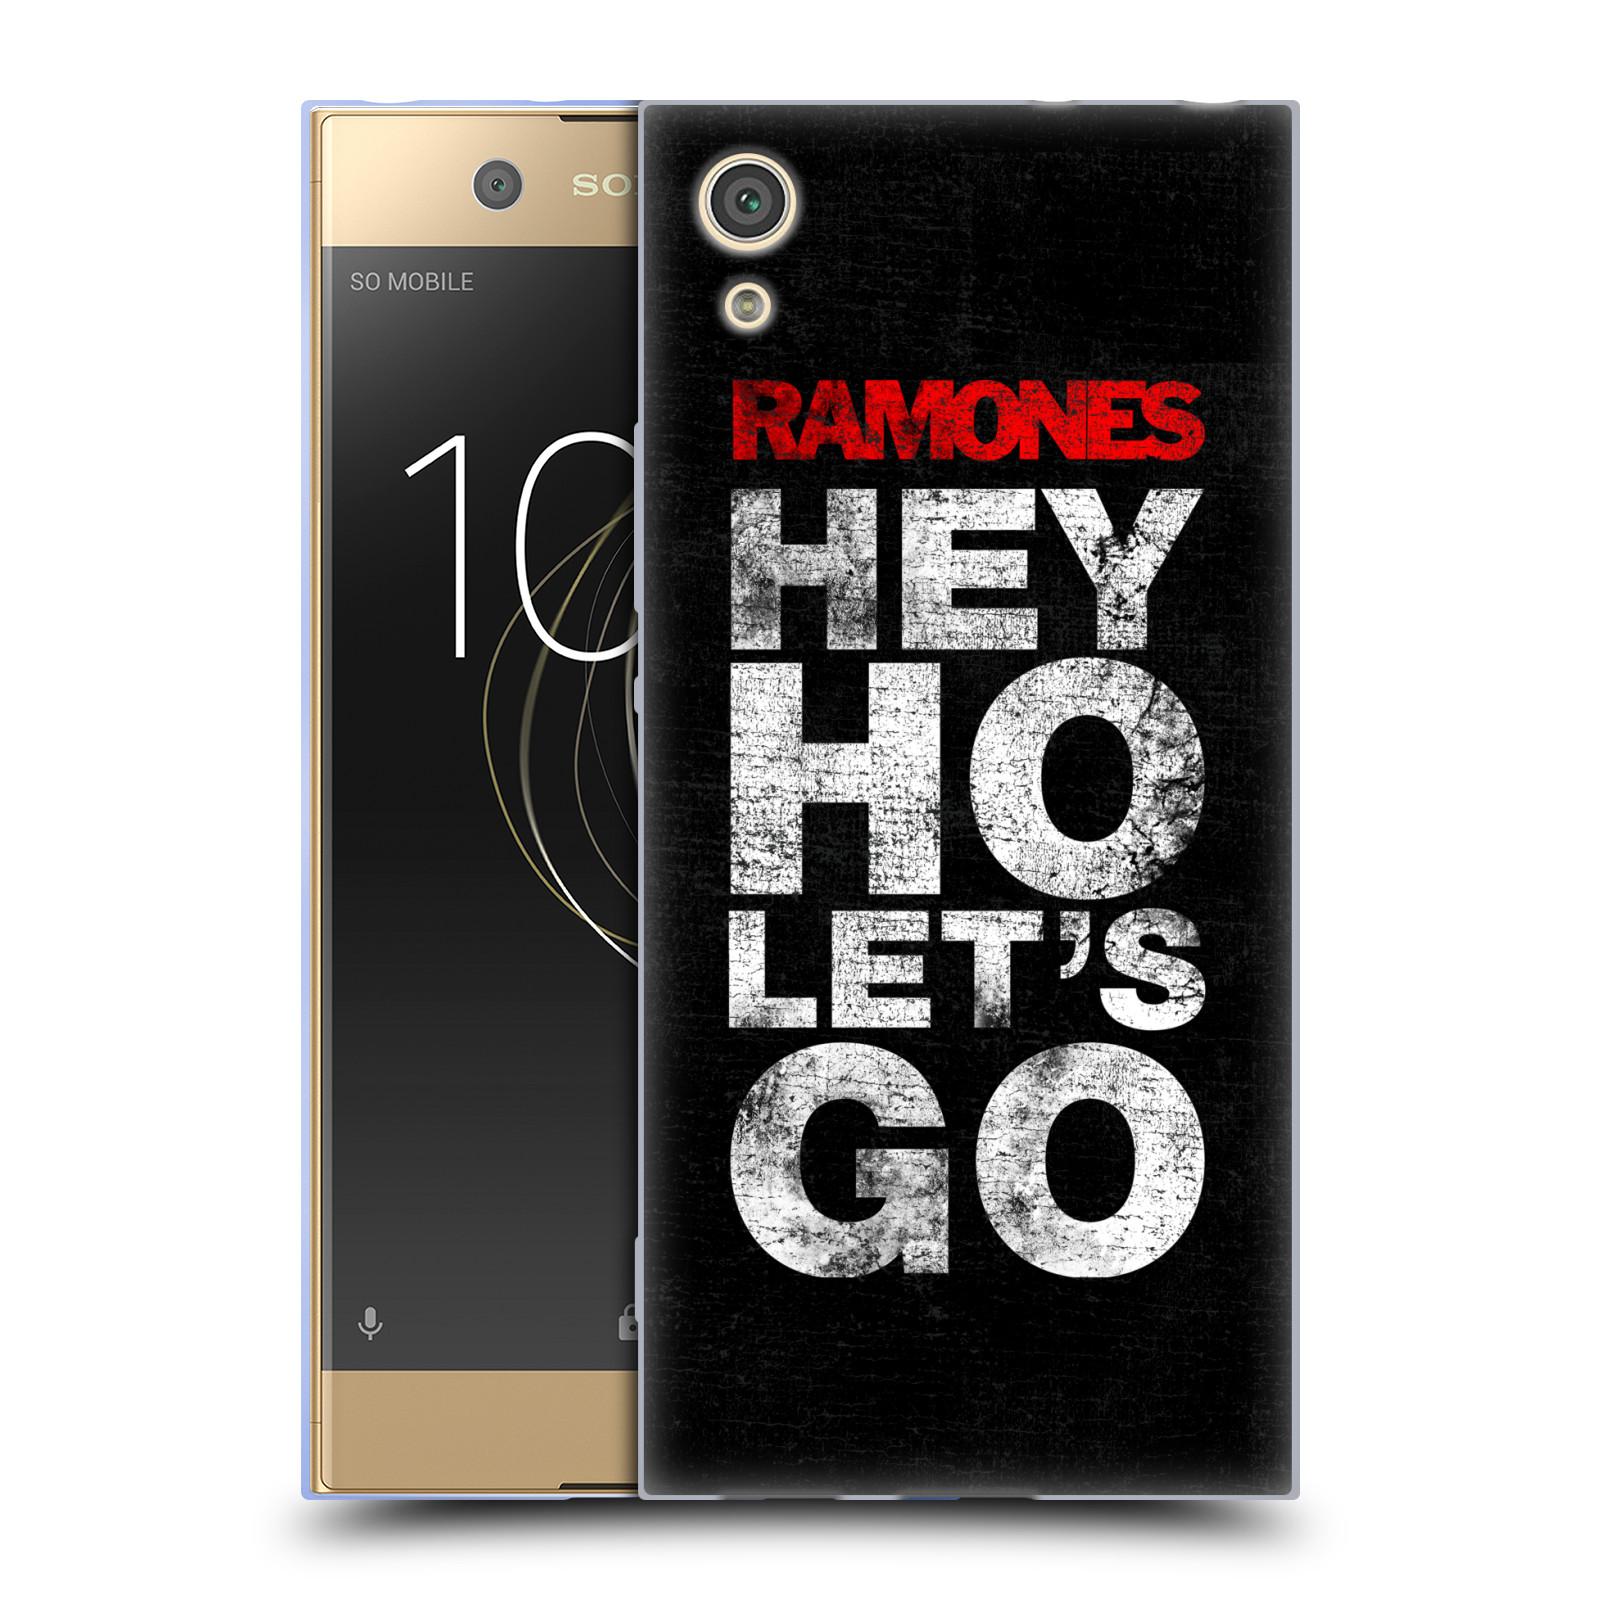 Silikonové pouzdro na mobil Sony Xperia XA1 - Head Case - The Ramones - HEY HO LET´S GO (Silikonový kryt či obal na mobilní telefon Sony Xperia XA1 G3121 s motivem The Ramones - HEY HO LET´S GO)